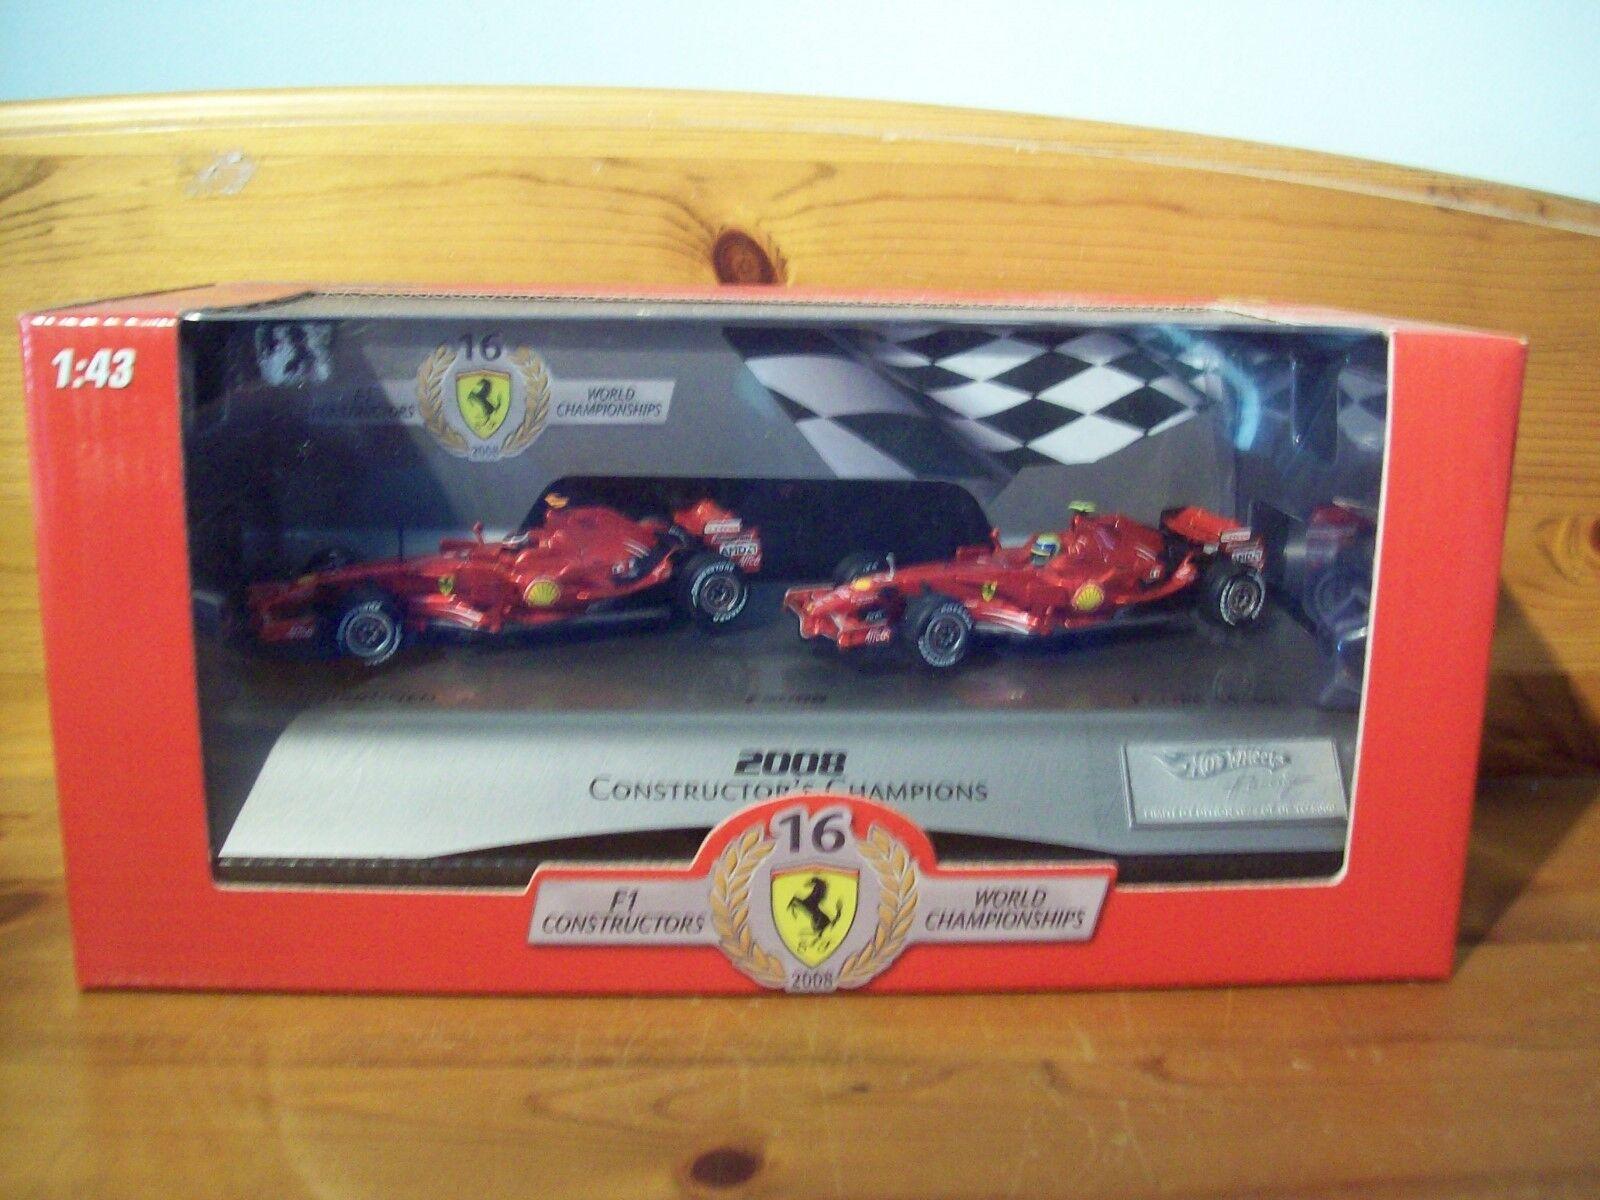 Ven a elegir tu propio estilo deportivo. 1 43 Hot Hot Hot Wheels Twinset Ferrari F2008 Kimi Raikkonen Felipe Massa 2008 construir  bienvenido a elegir